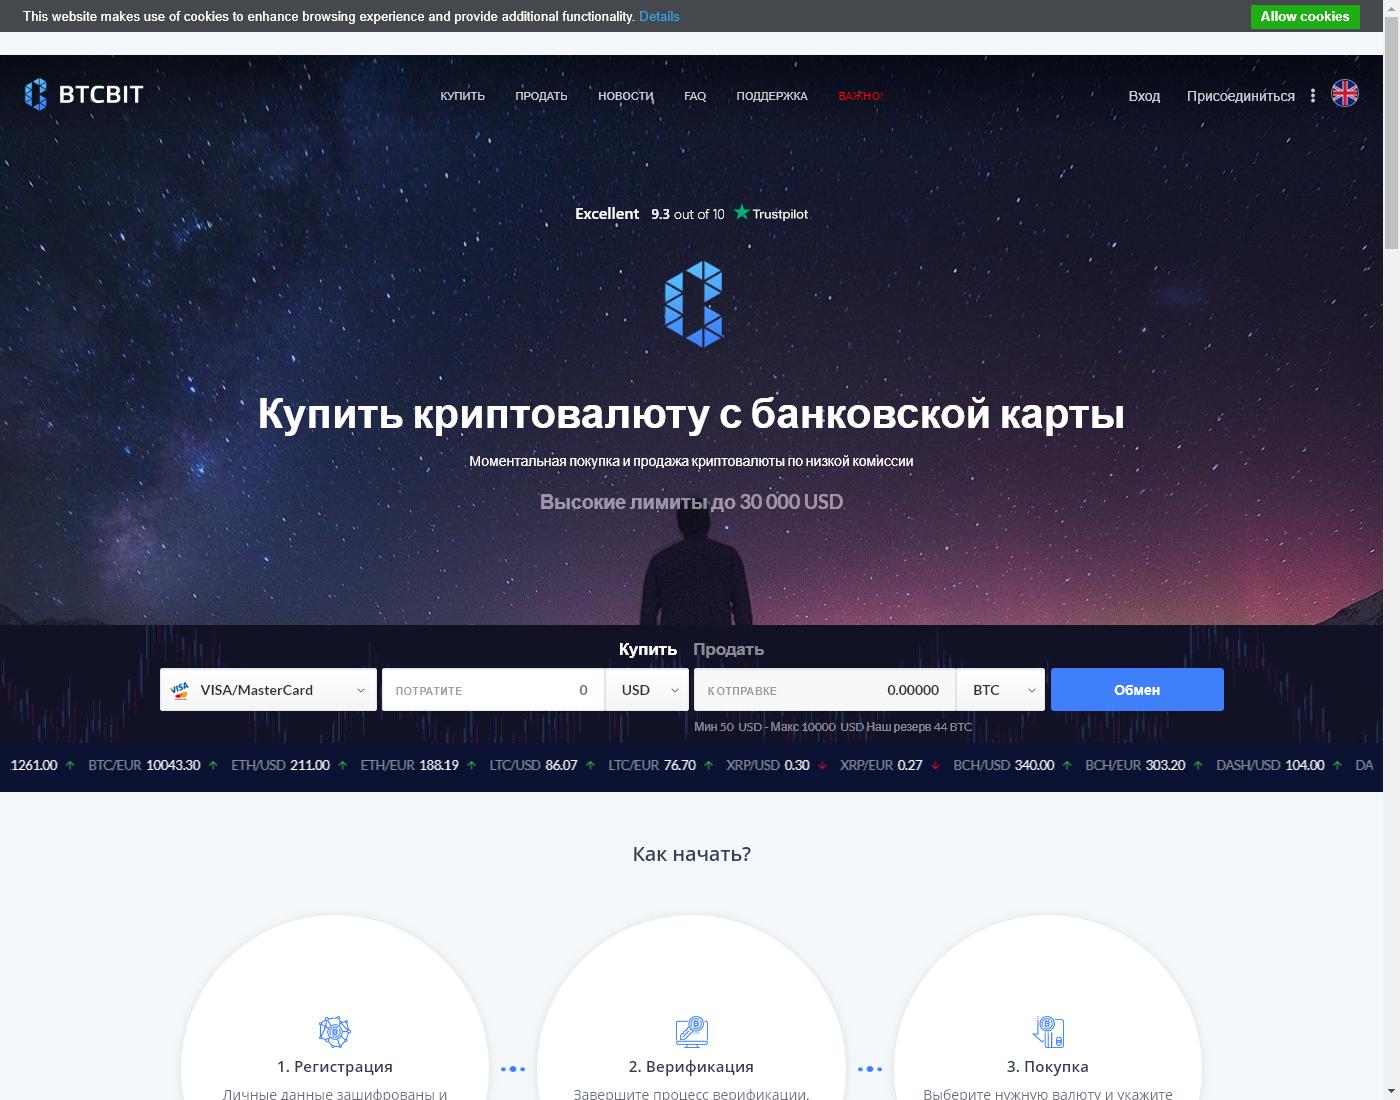 BTCBIT интерфейс пользователя: домашняя страничка на языке — Русский